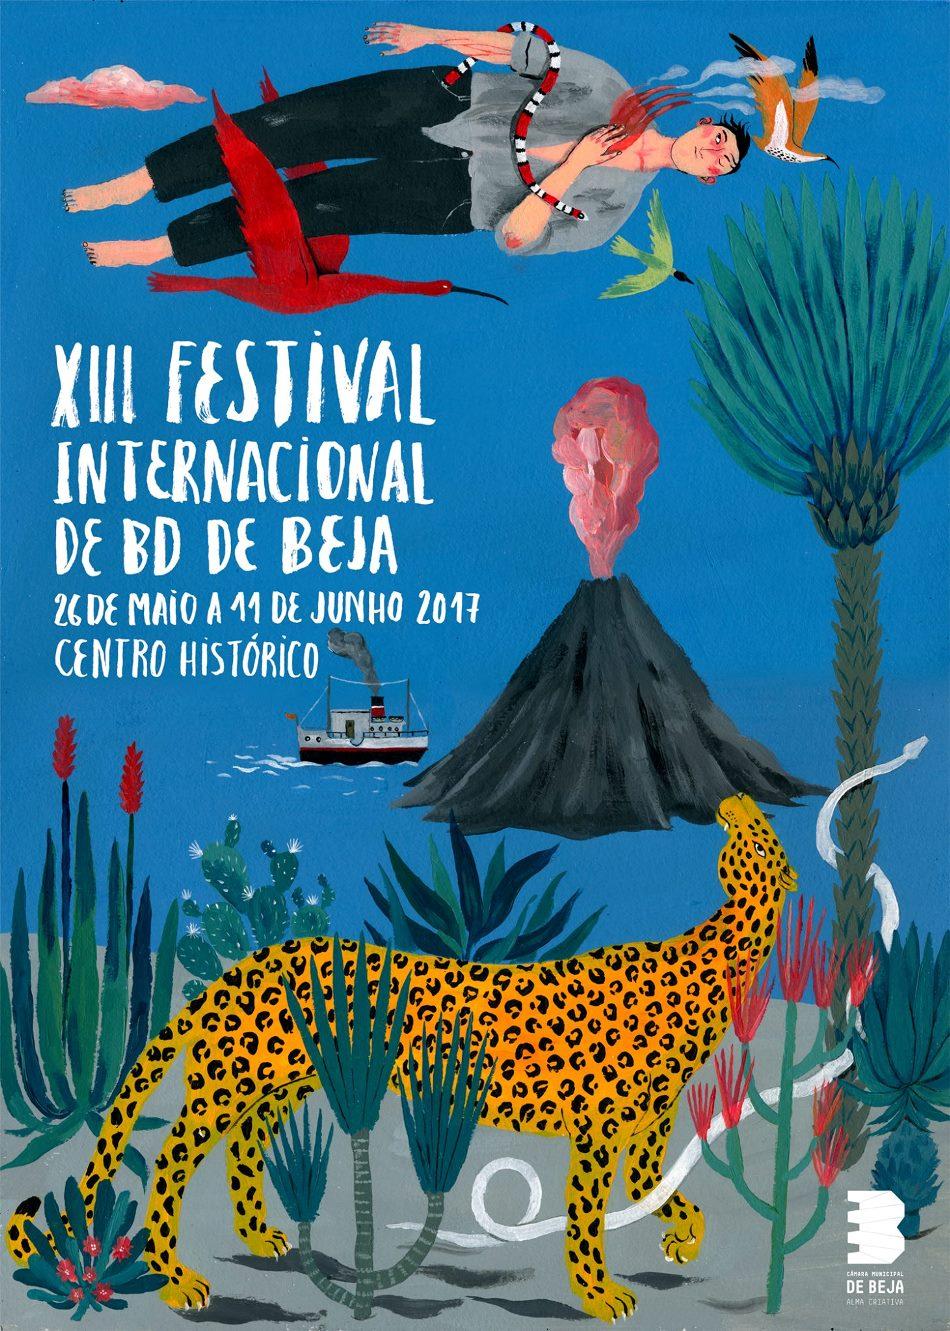 XIII Festival de BD de Beja